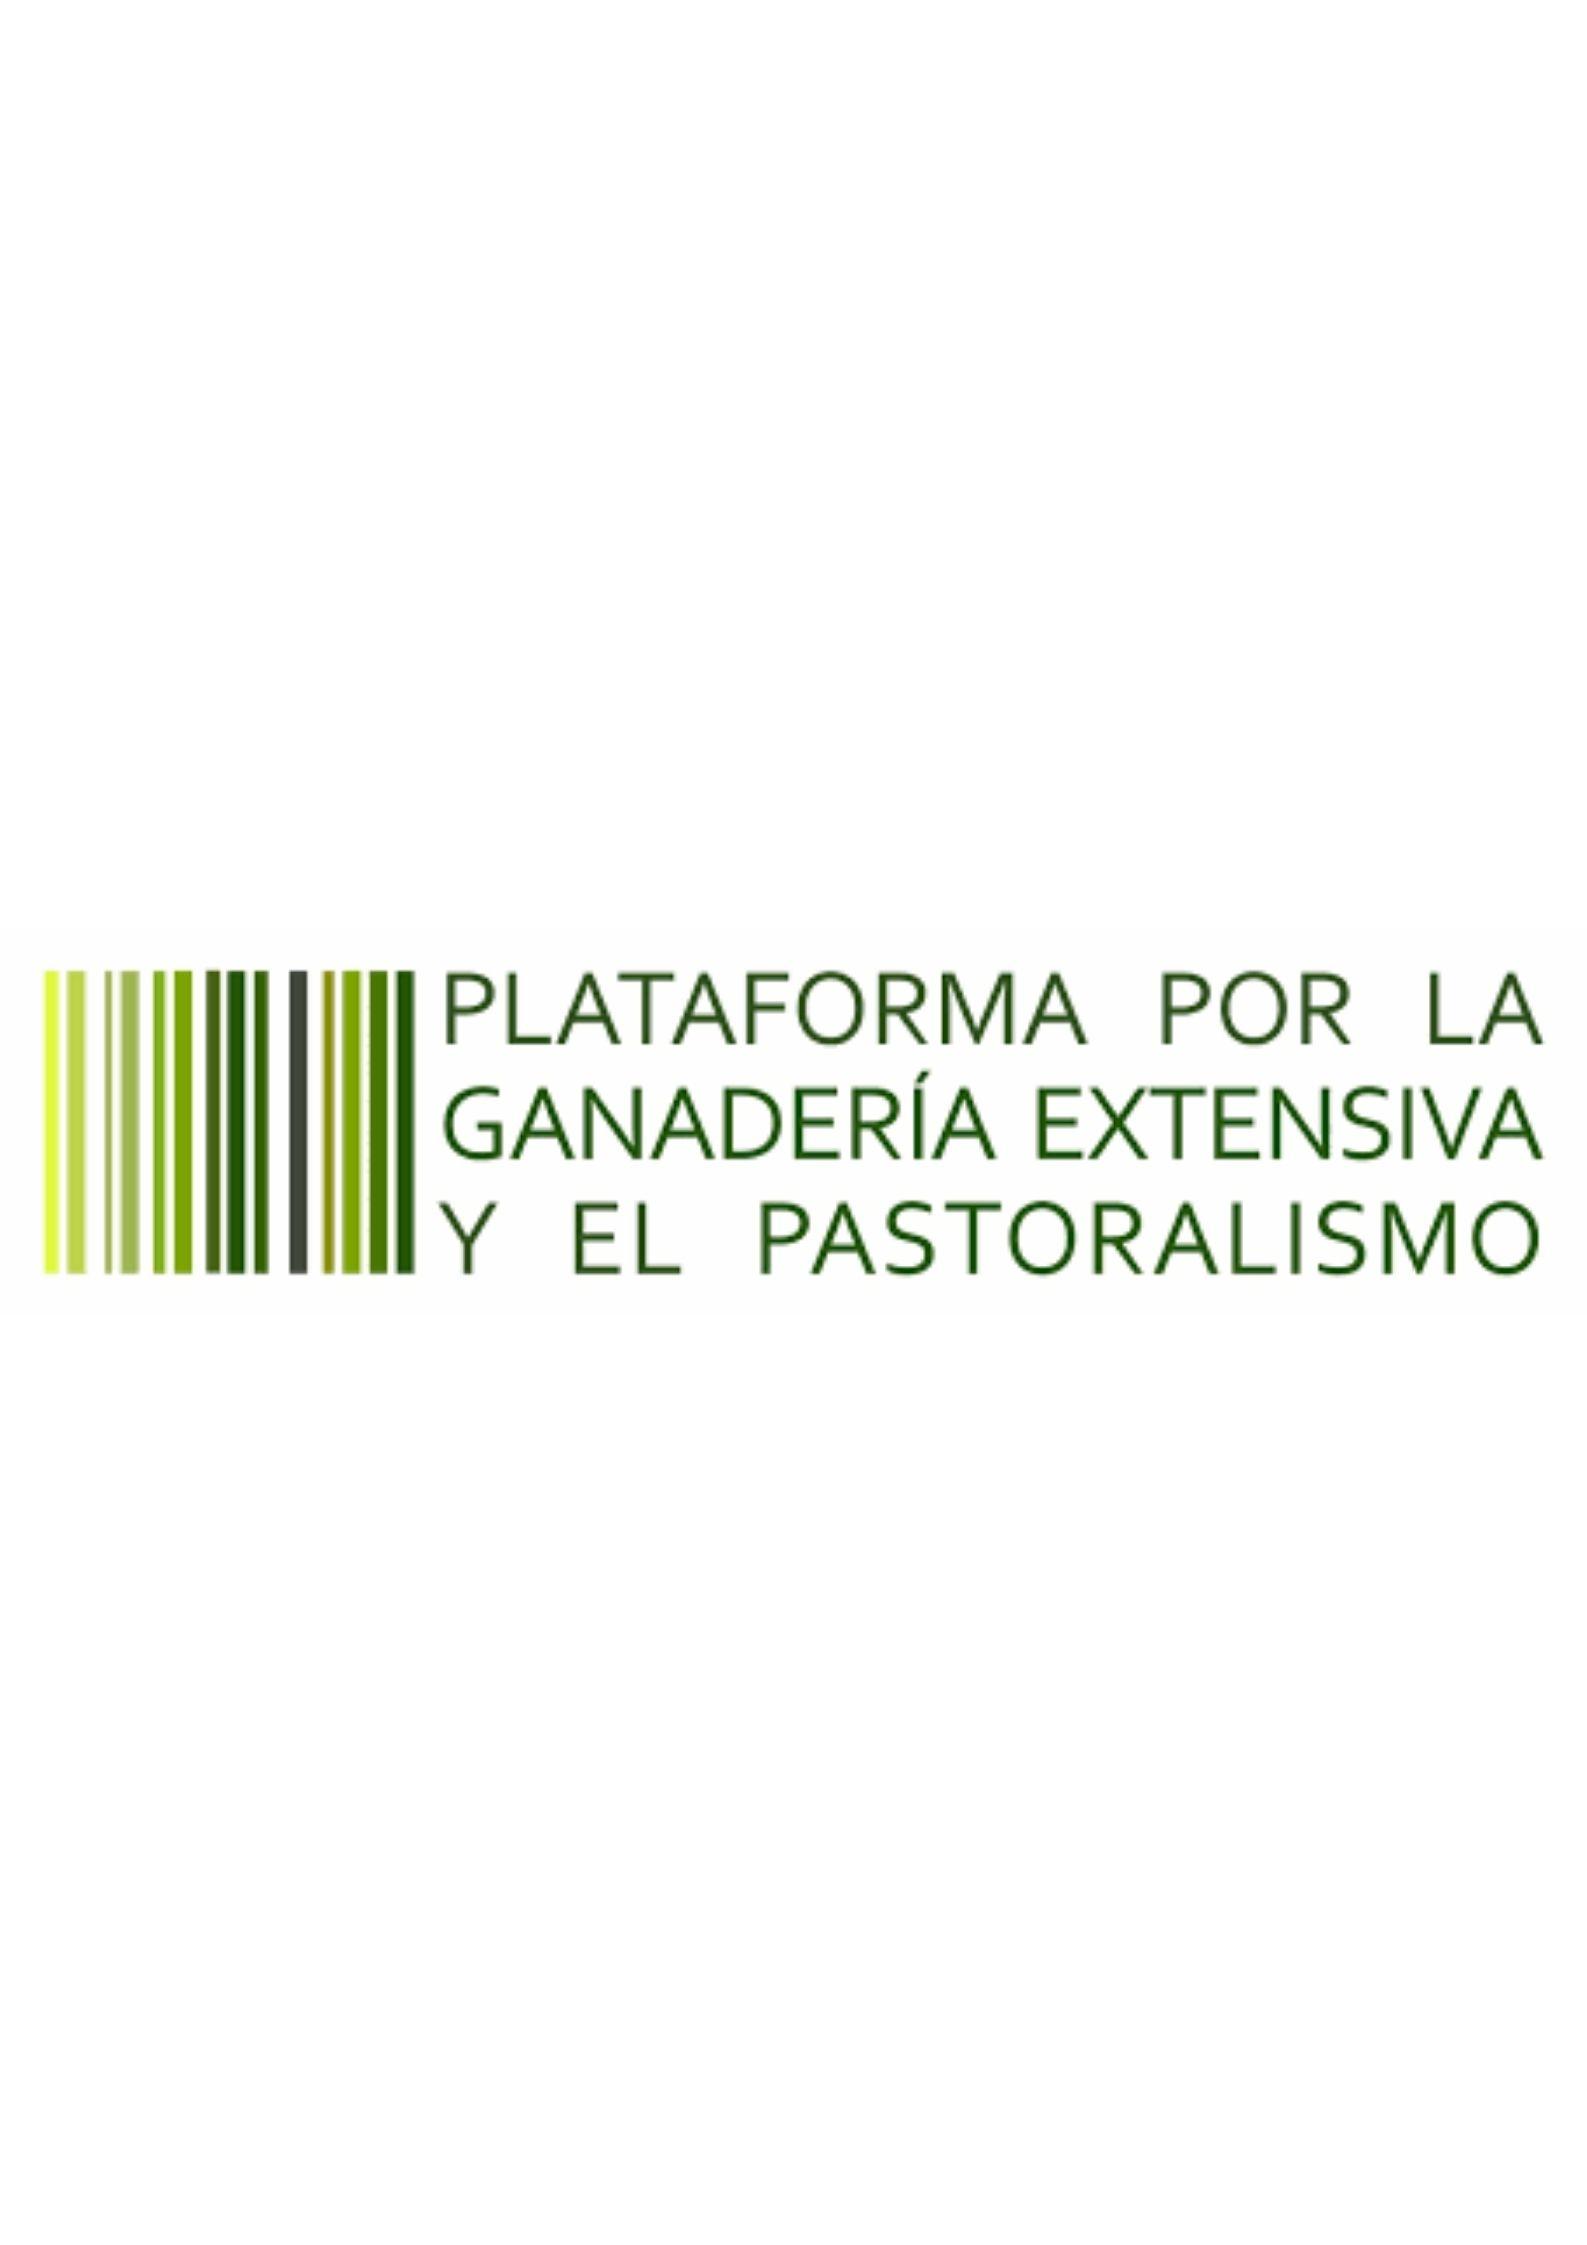 plataforma por la ganaderia extensiva y el apstoralismo (1)